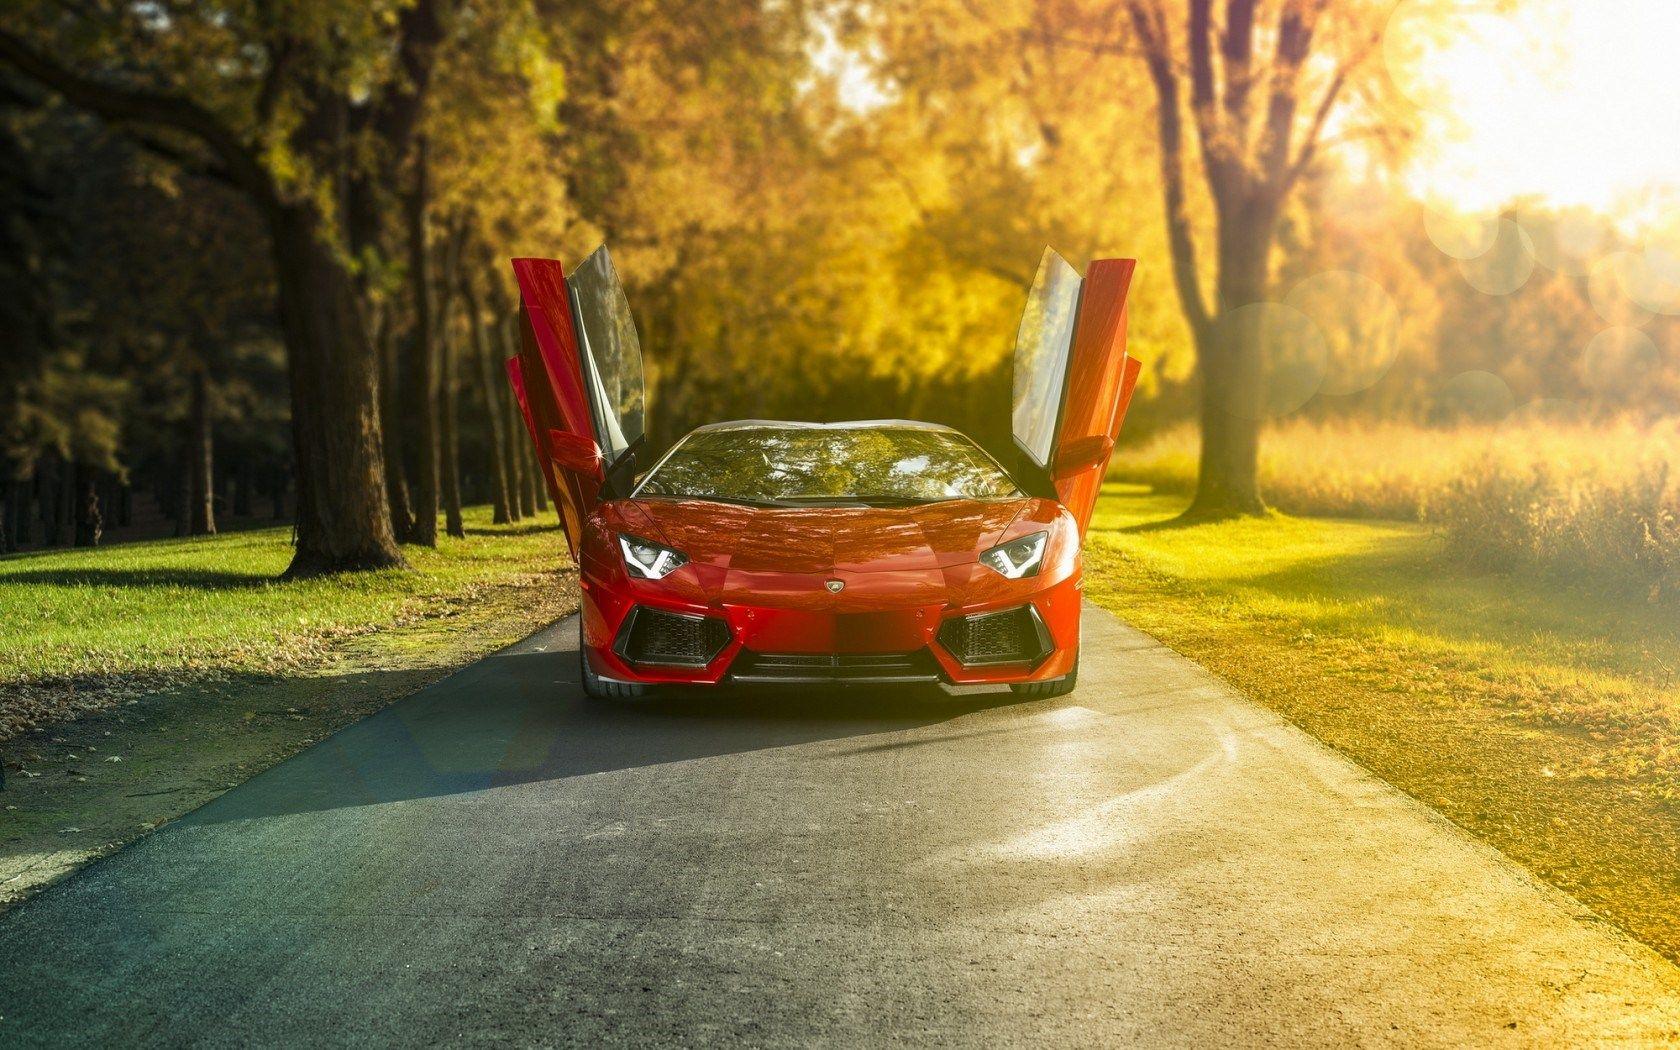 Top Wallpaper High Resolution Lamborghini Aventador - 7250e68fa4ccb67c44a12d01506ddfd6  You Should Have_94434.jpg